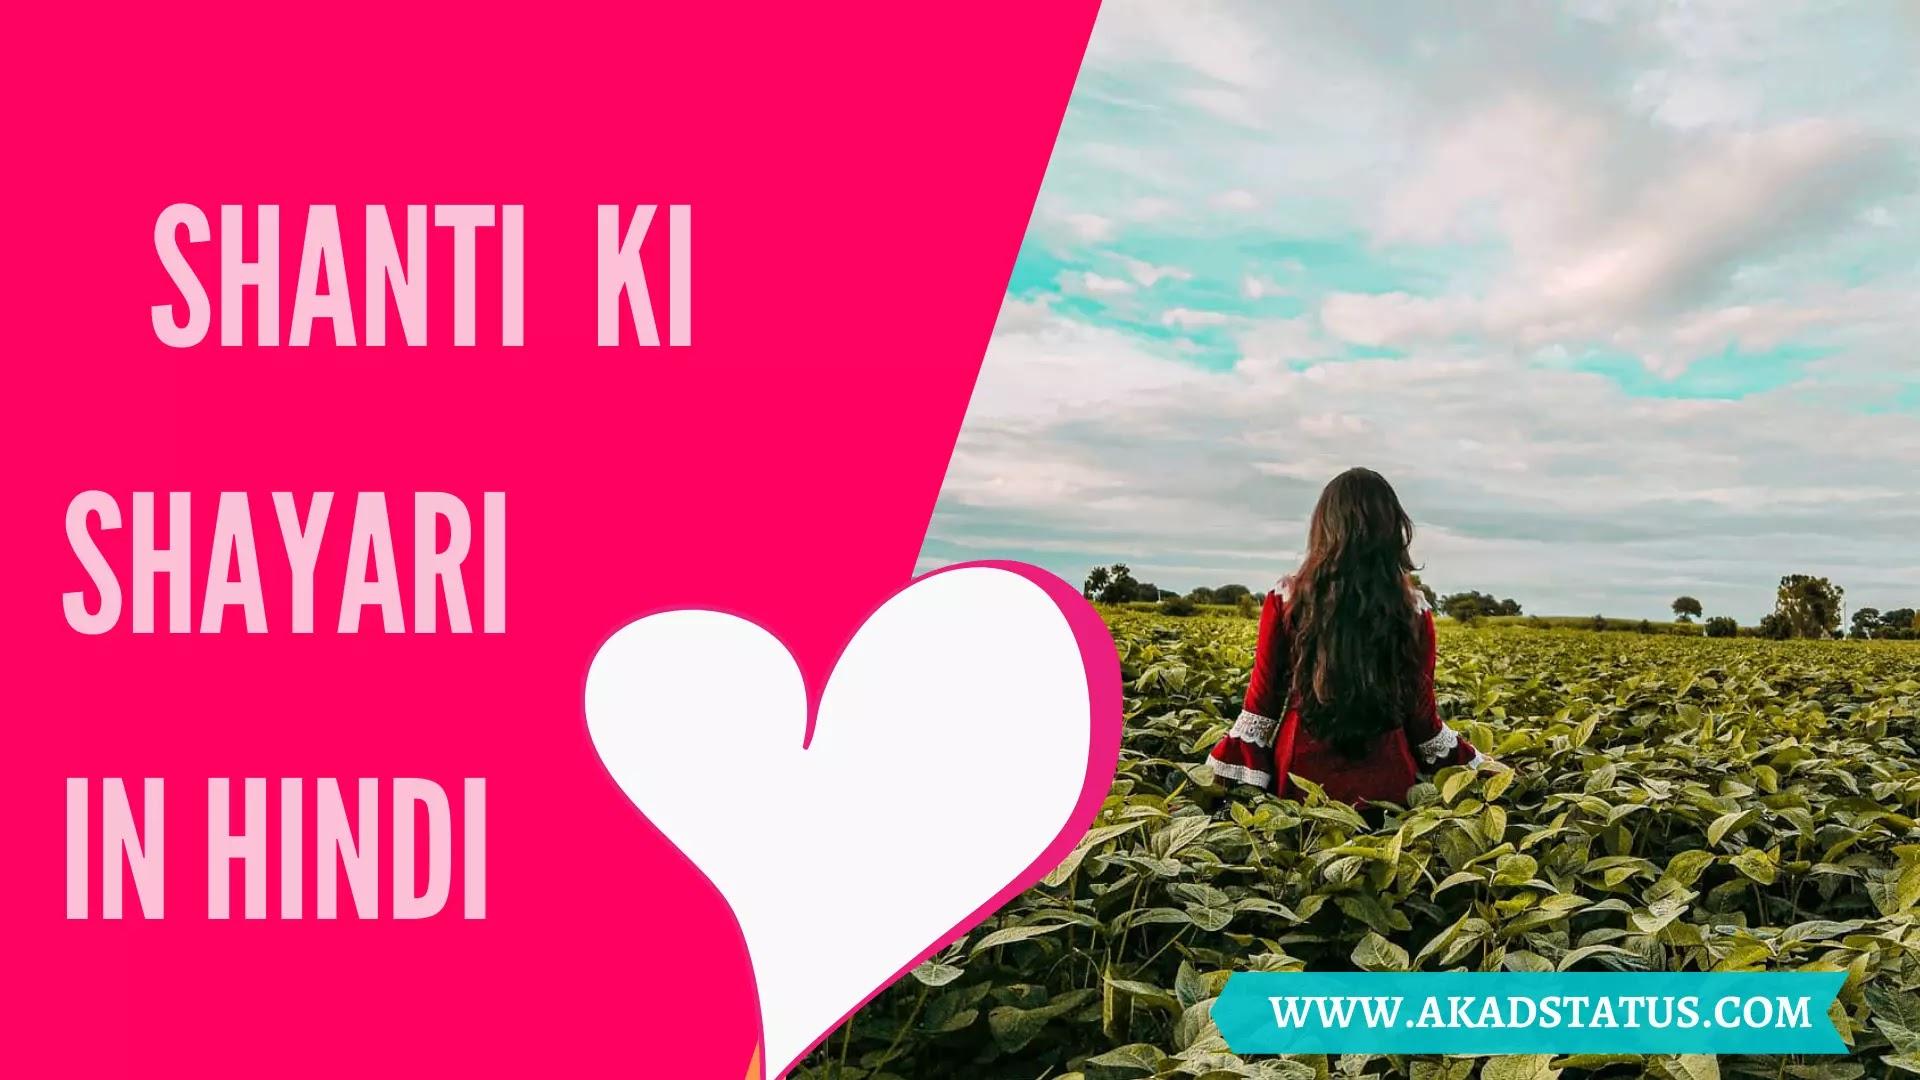 Shanti Quotes in Hindi, Om Shanti Shayari, Shanti suvichar, Shanti Status in Hindi, Shanti Shayari Jokes, Shayari on sukoon, Shanti Status in English,Dil Ko Sukoon Shayari